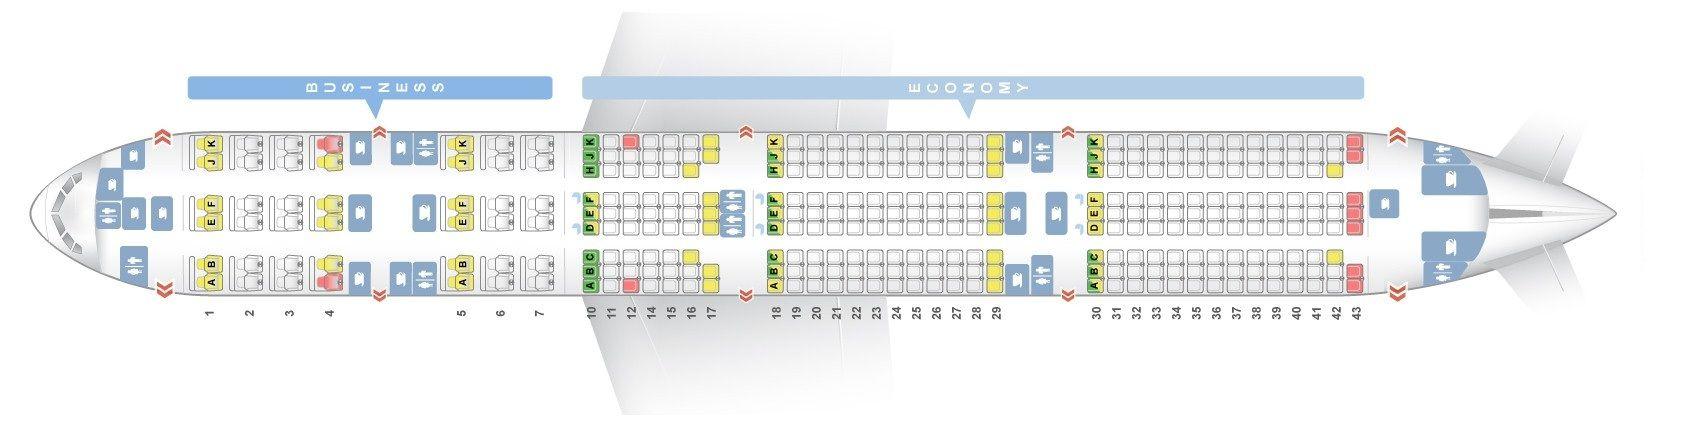 Qatar Airways Fleet Boeing 777 300er Details And Pictures